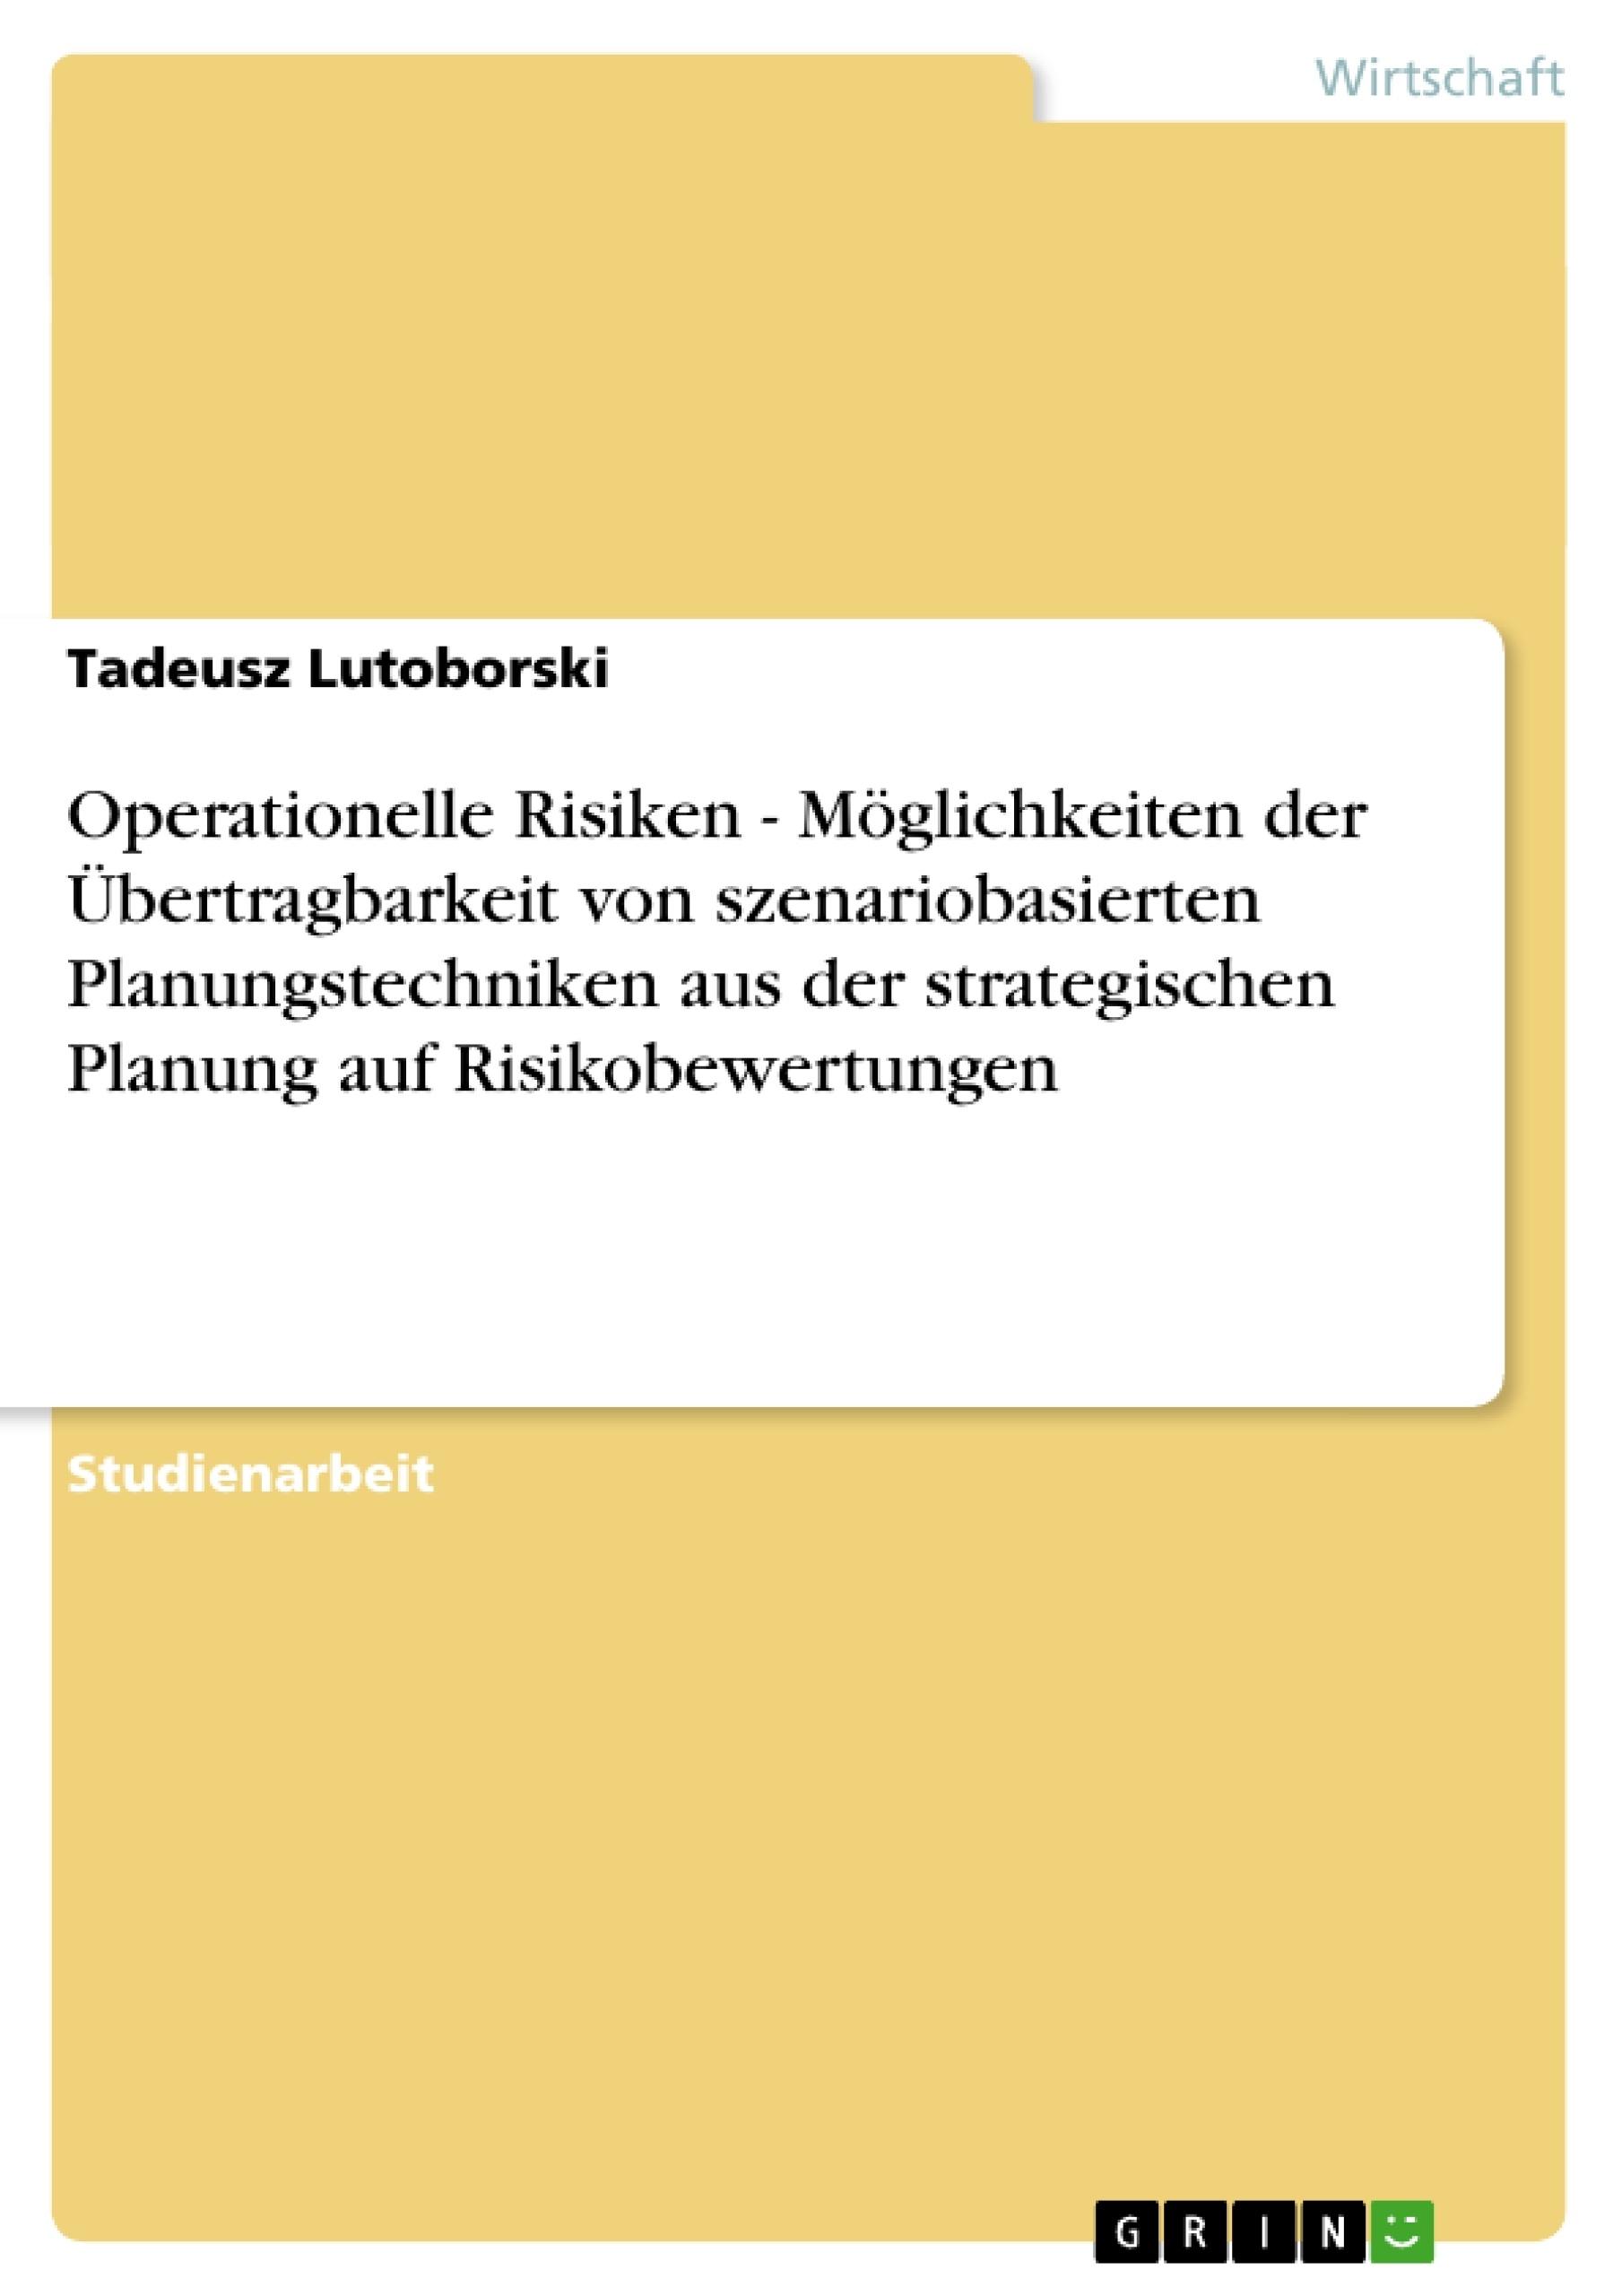 Titel: Operationelle Risiken - Möglichkeiten der Übertragbarkeit von szenariobasierten Planungstechniken aus der strategischen Planung auf Risikobewertungen